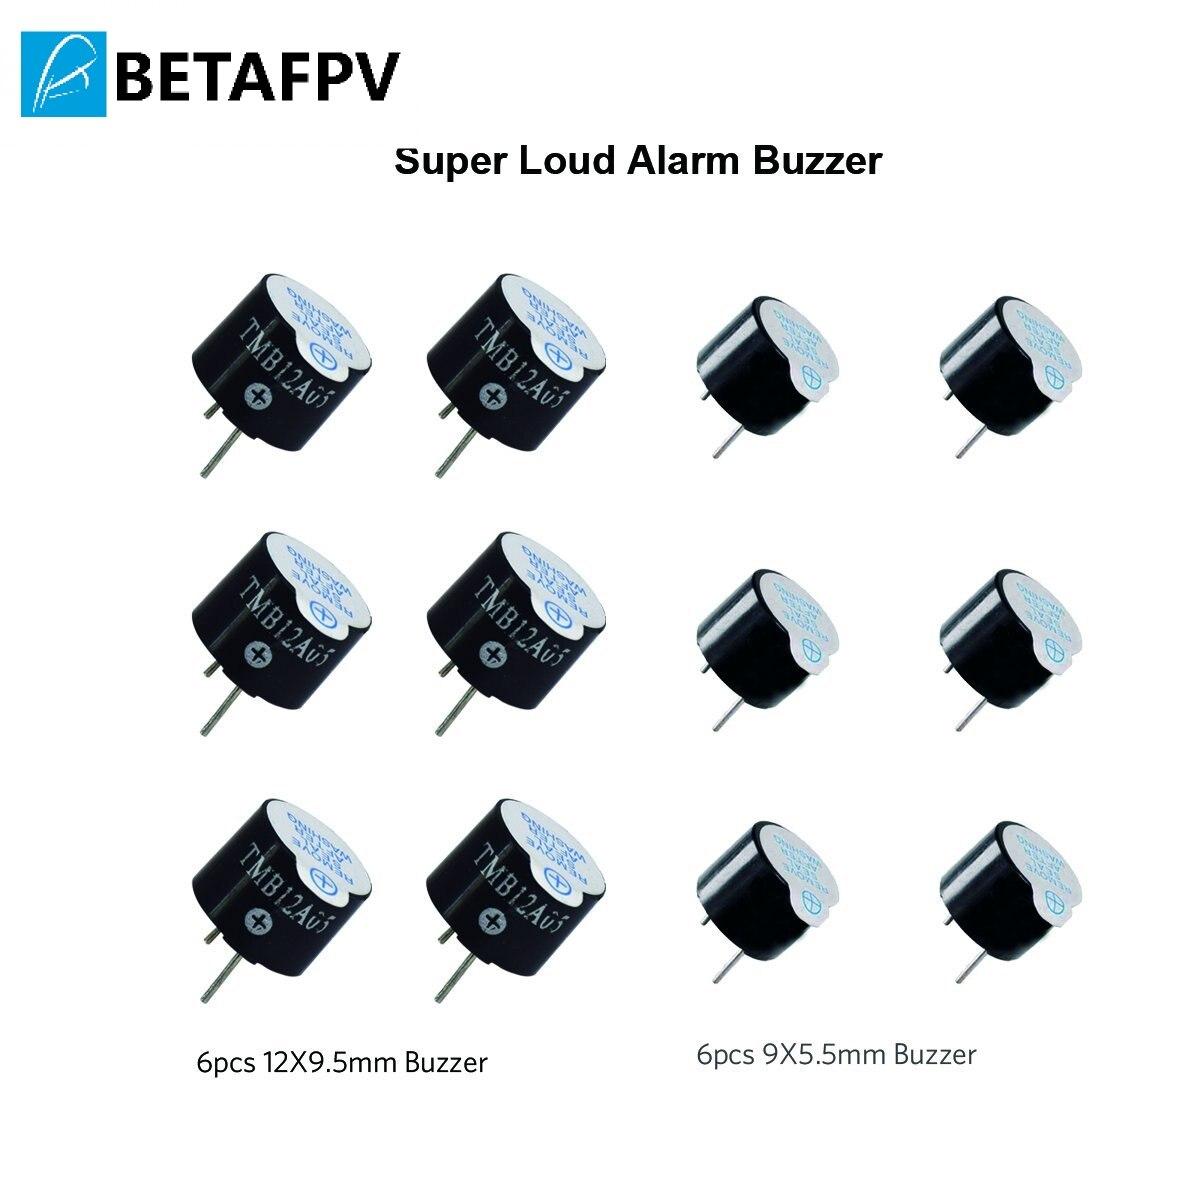 BETAFPV Super fort DC 5 V alarme Active avertisseur sonore Tracker 2 terminaux électronique continu son avertisseur sonore 12X9.5mm et 9X5.5mm